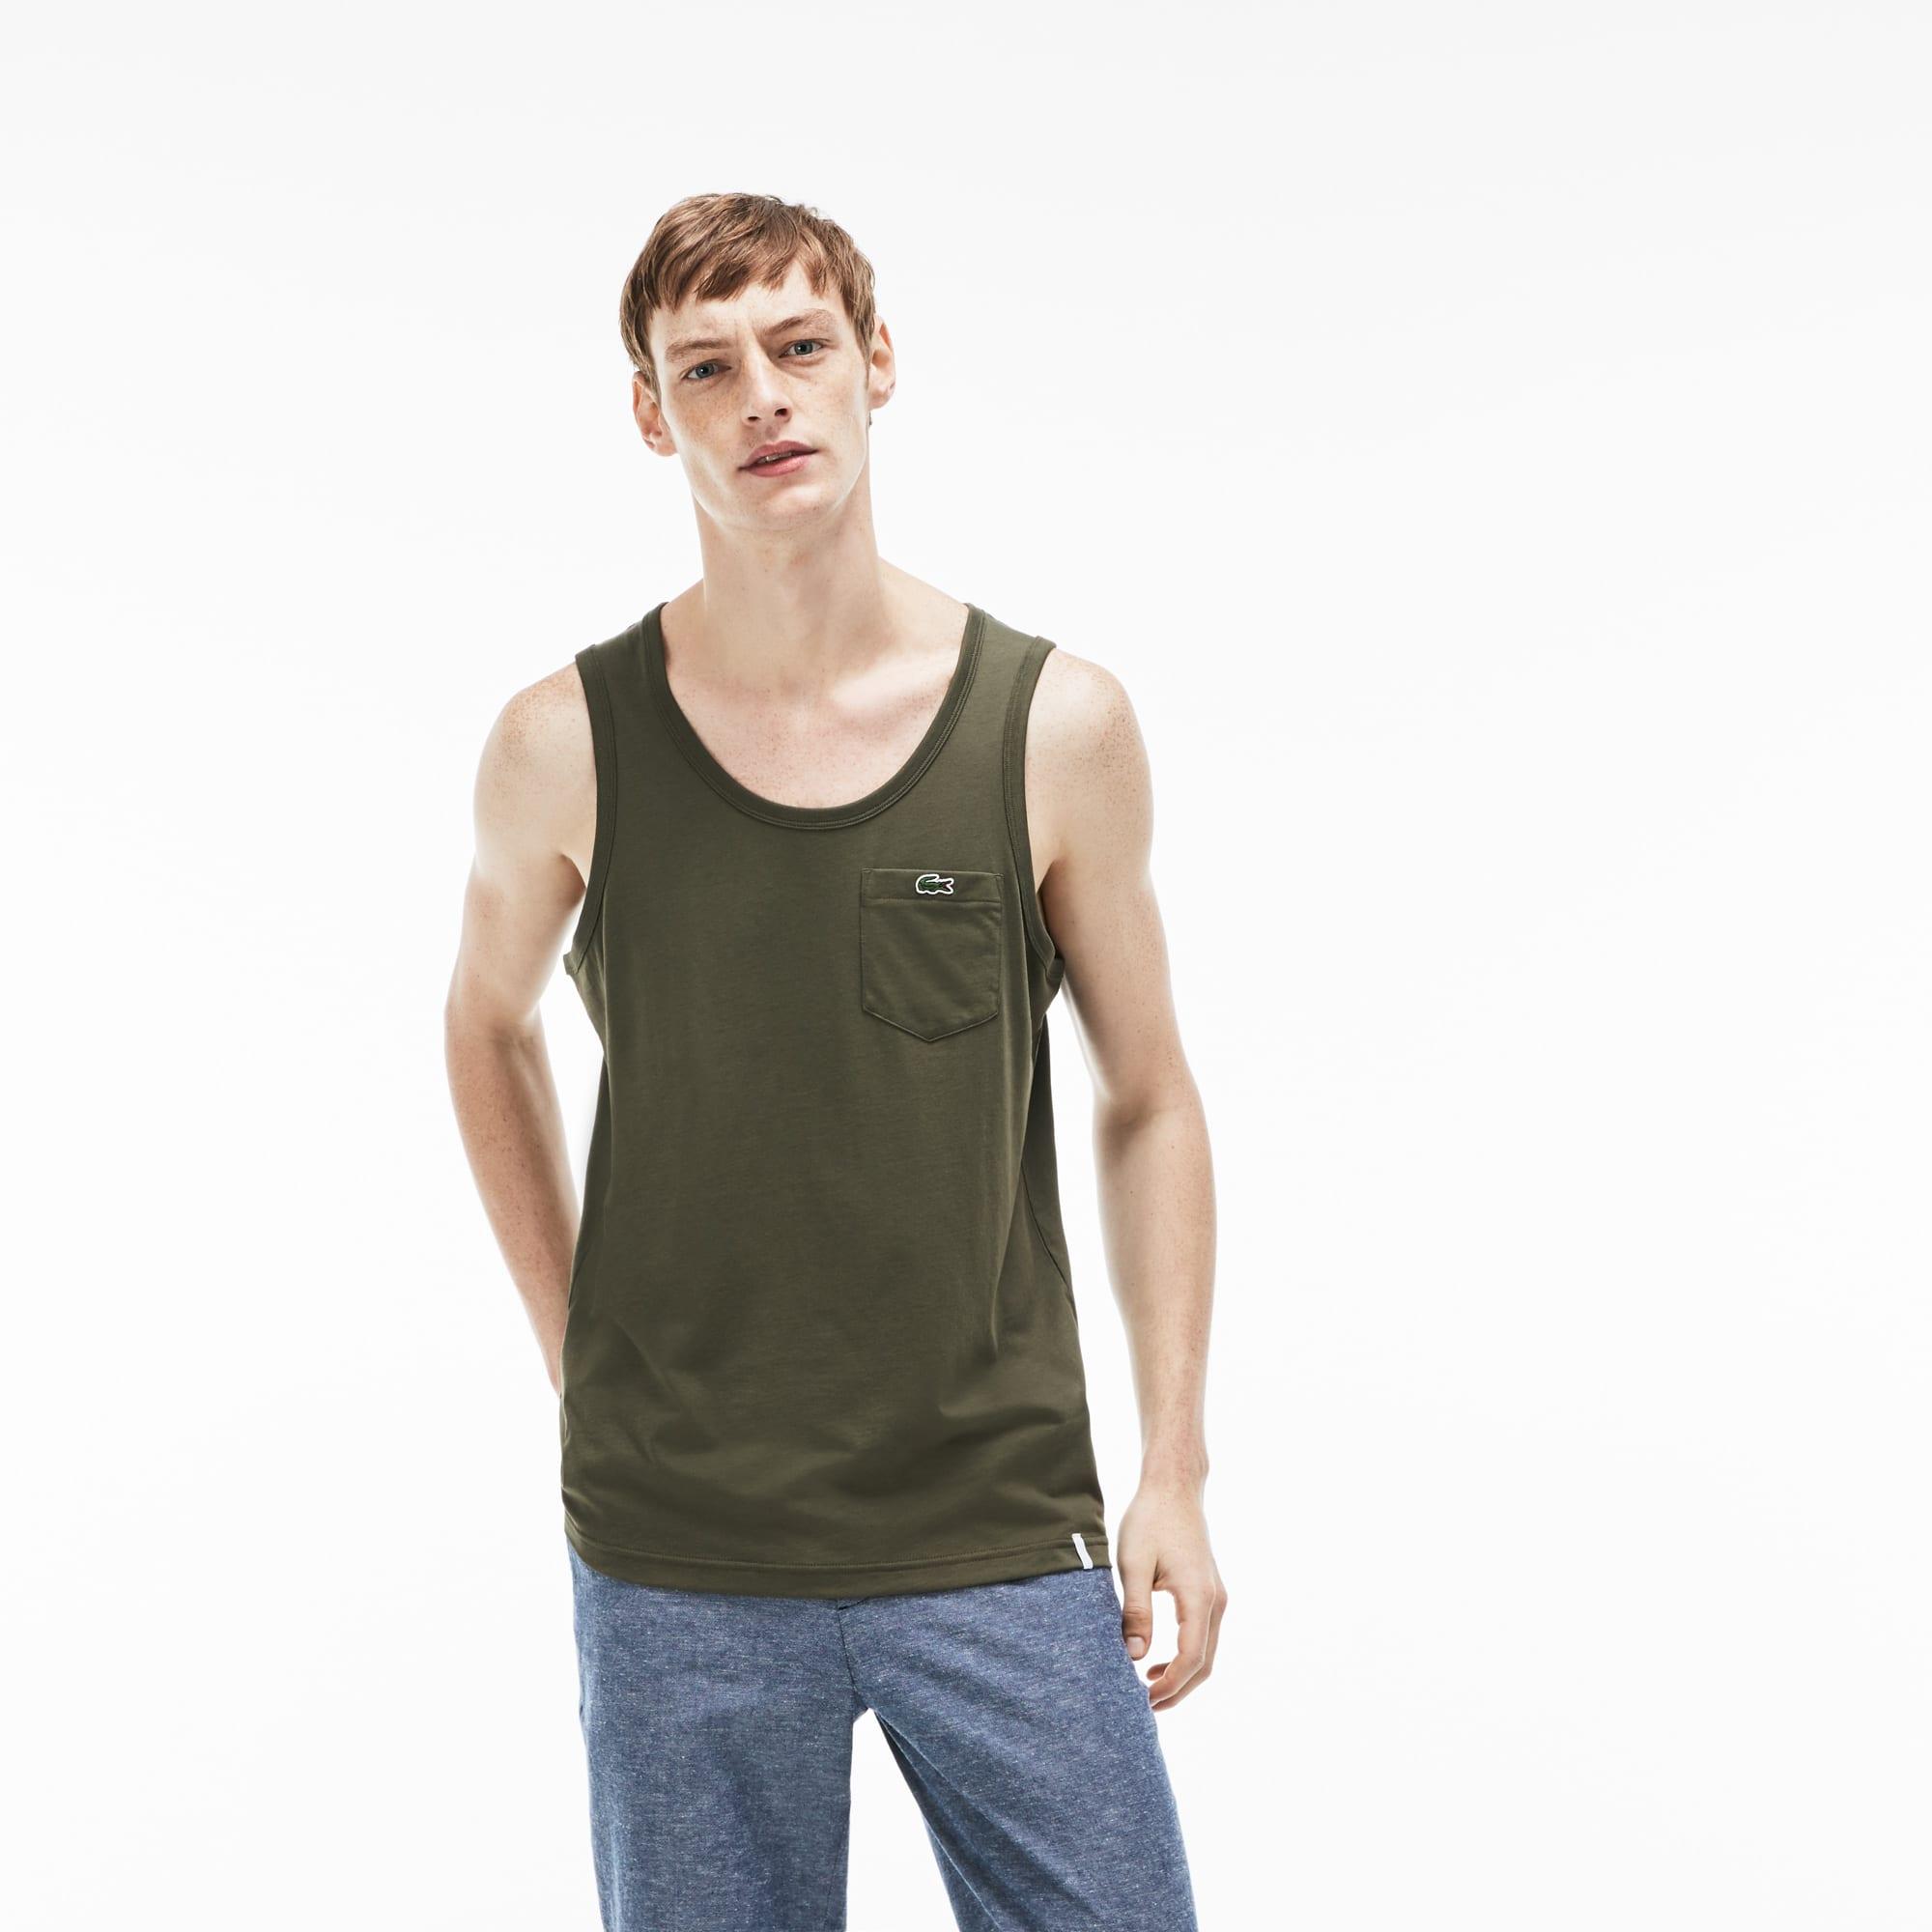 Débardeur Lacoste LIVE en jersey de coton uni avec poche